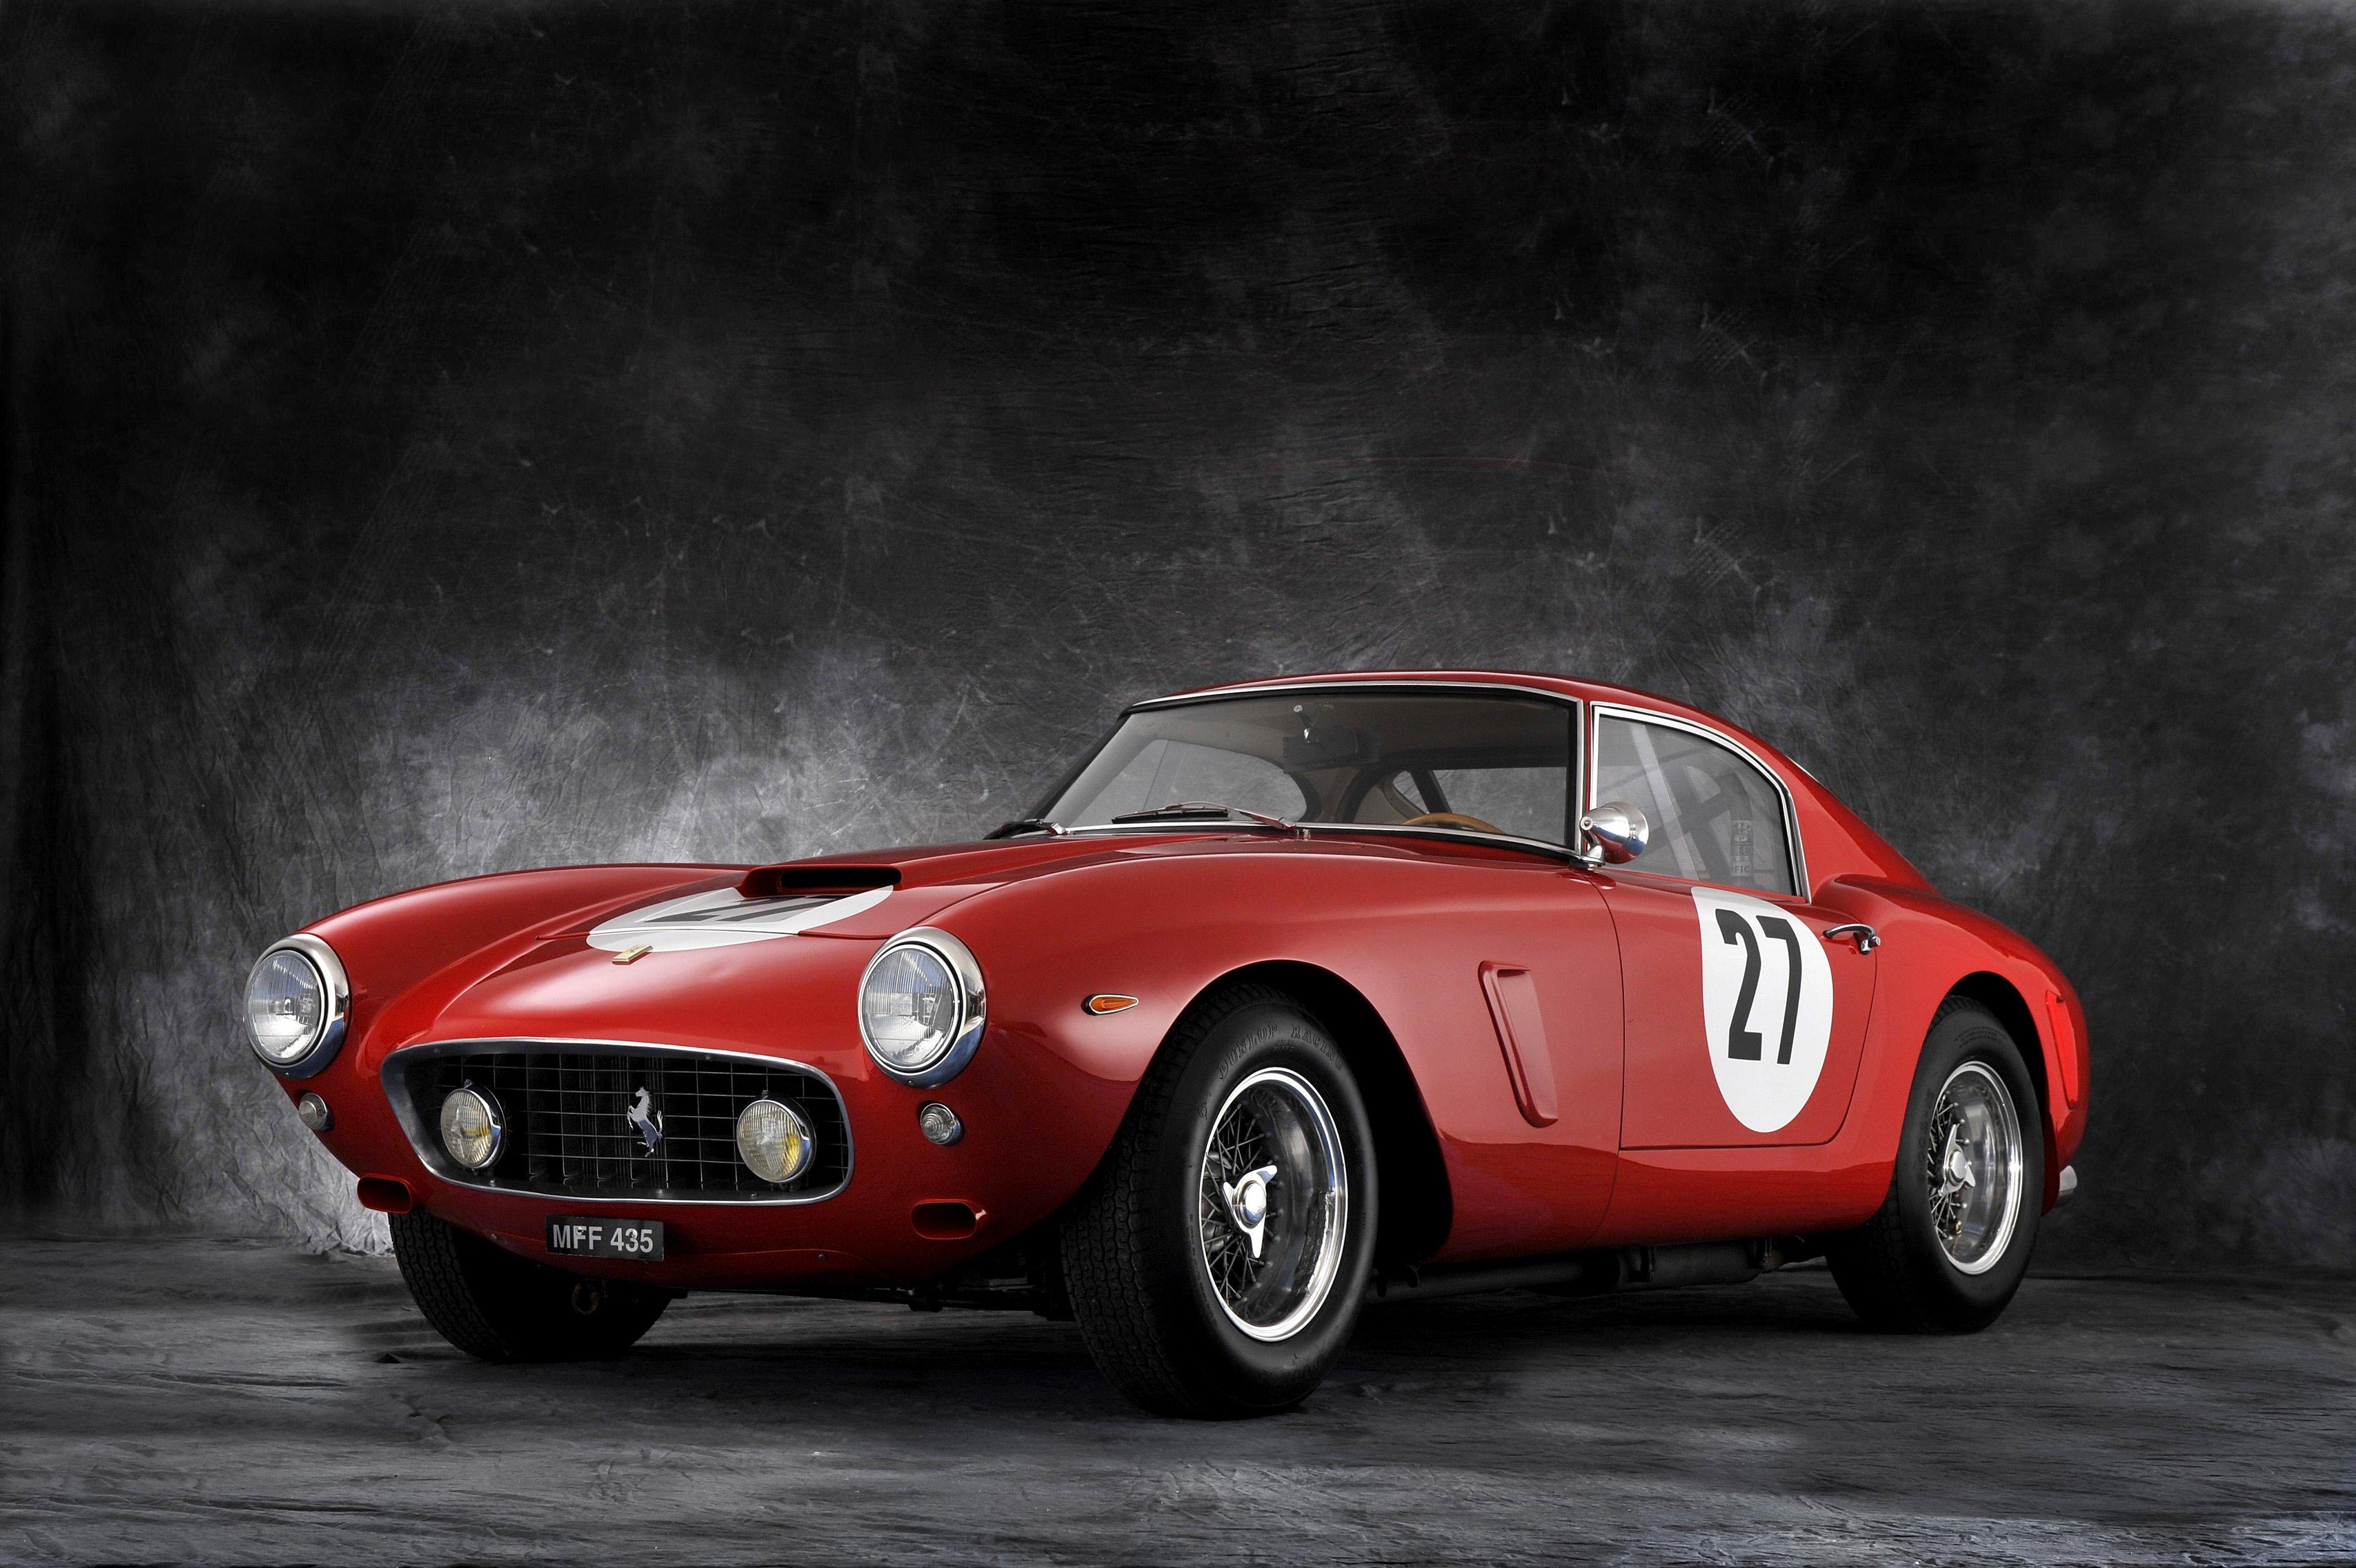 Ferrari 250 Gt Berlinetta Passo Corto Competizione 1960